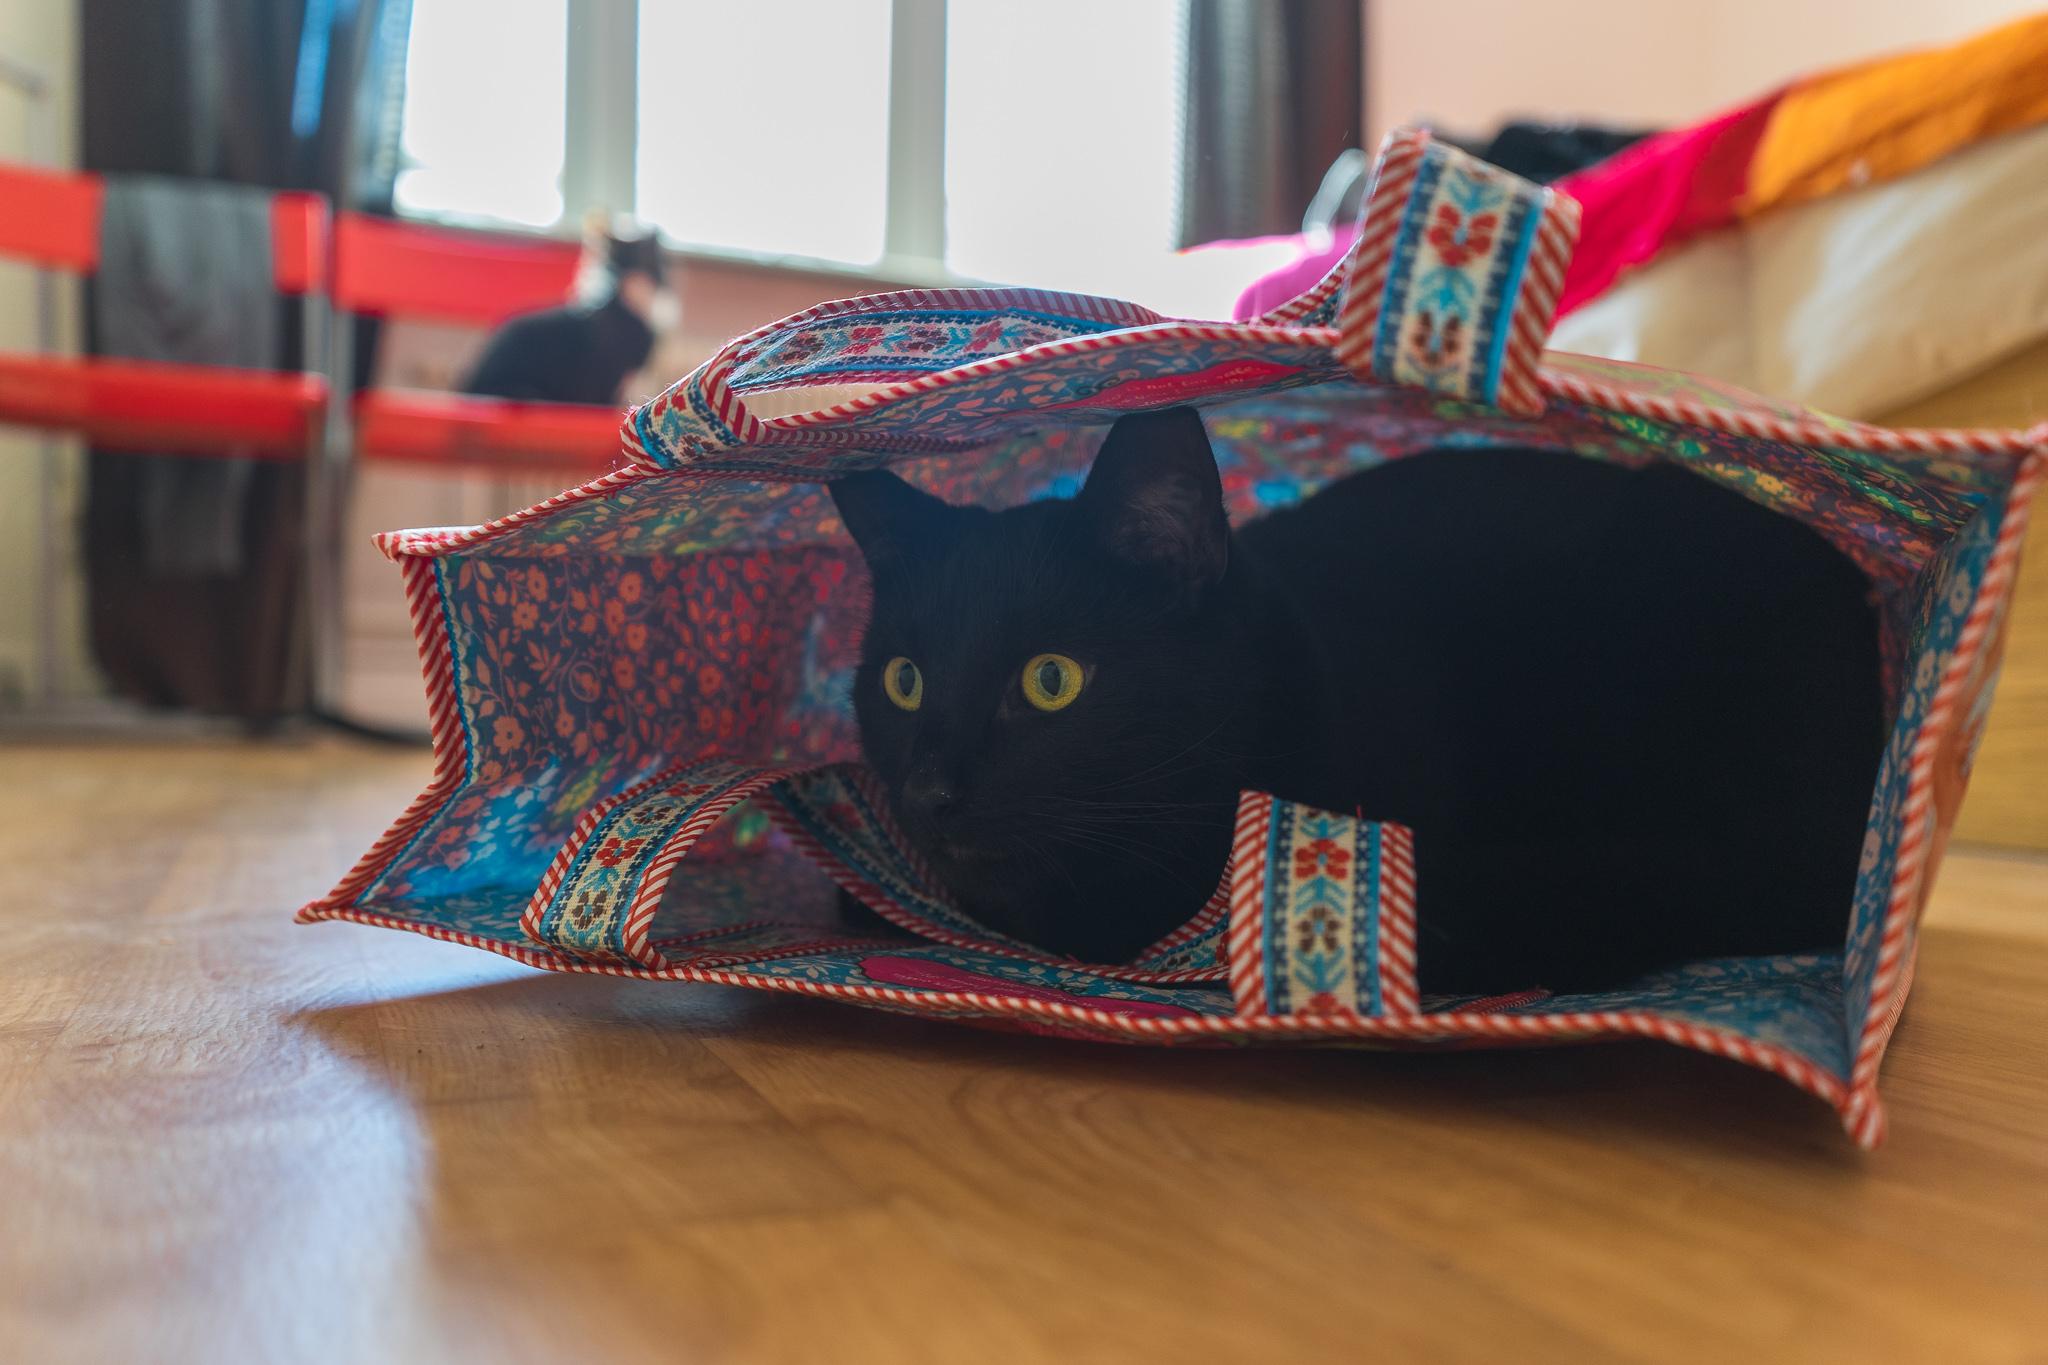 busen in a bag - 20141003